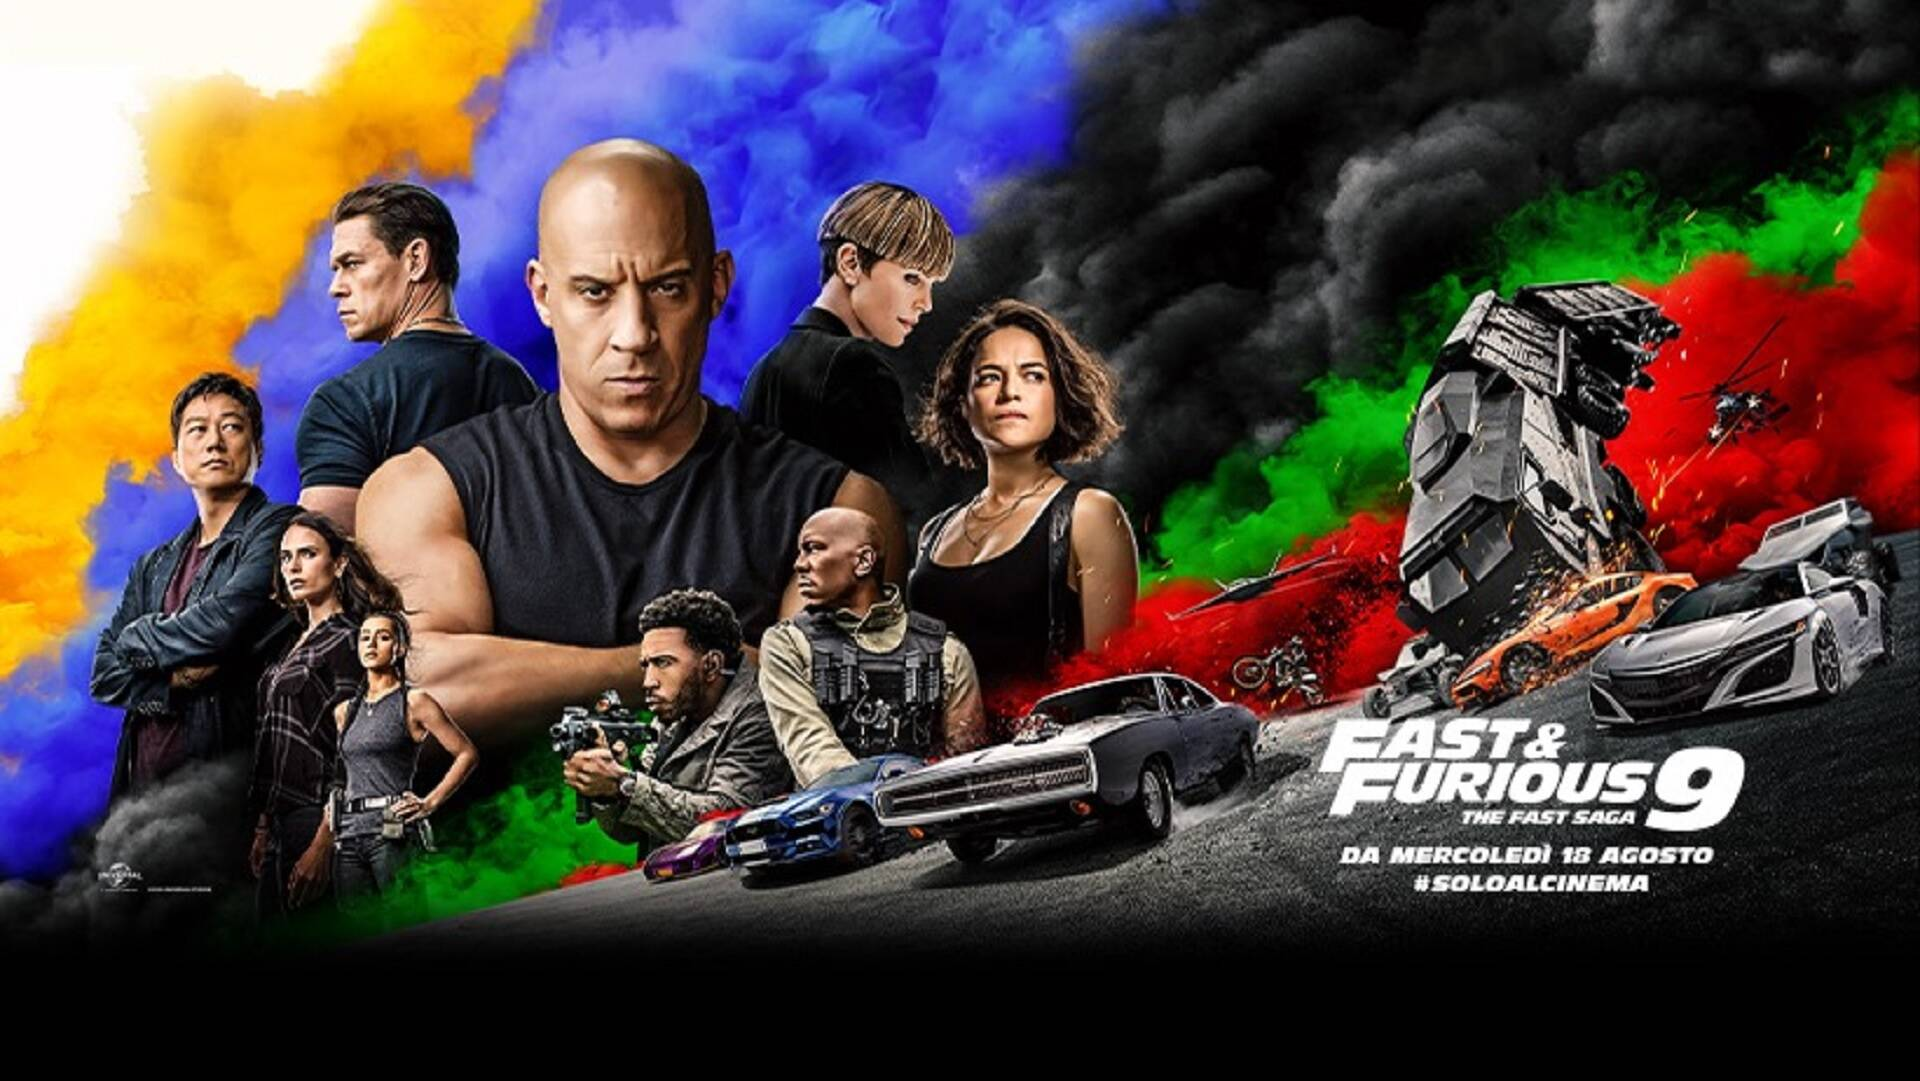 Clip in esclusiva di Fast & Furious 9